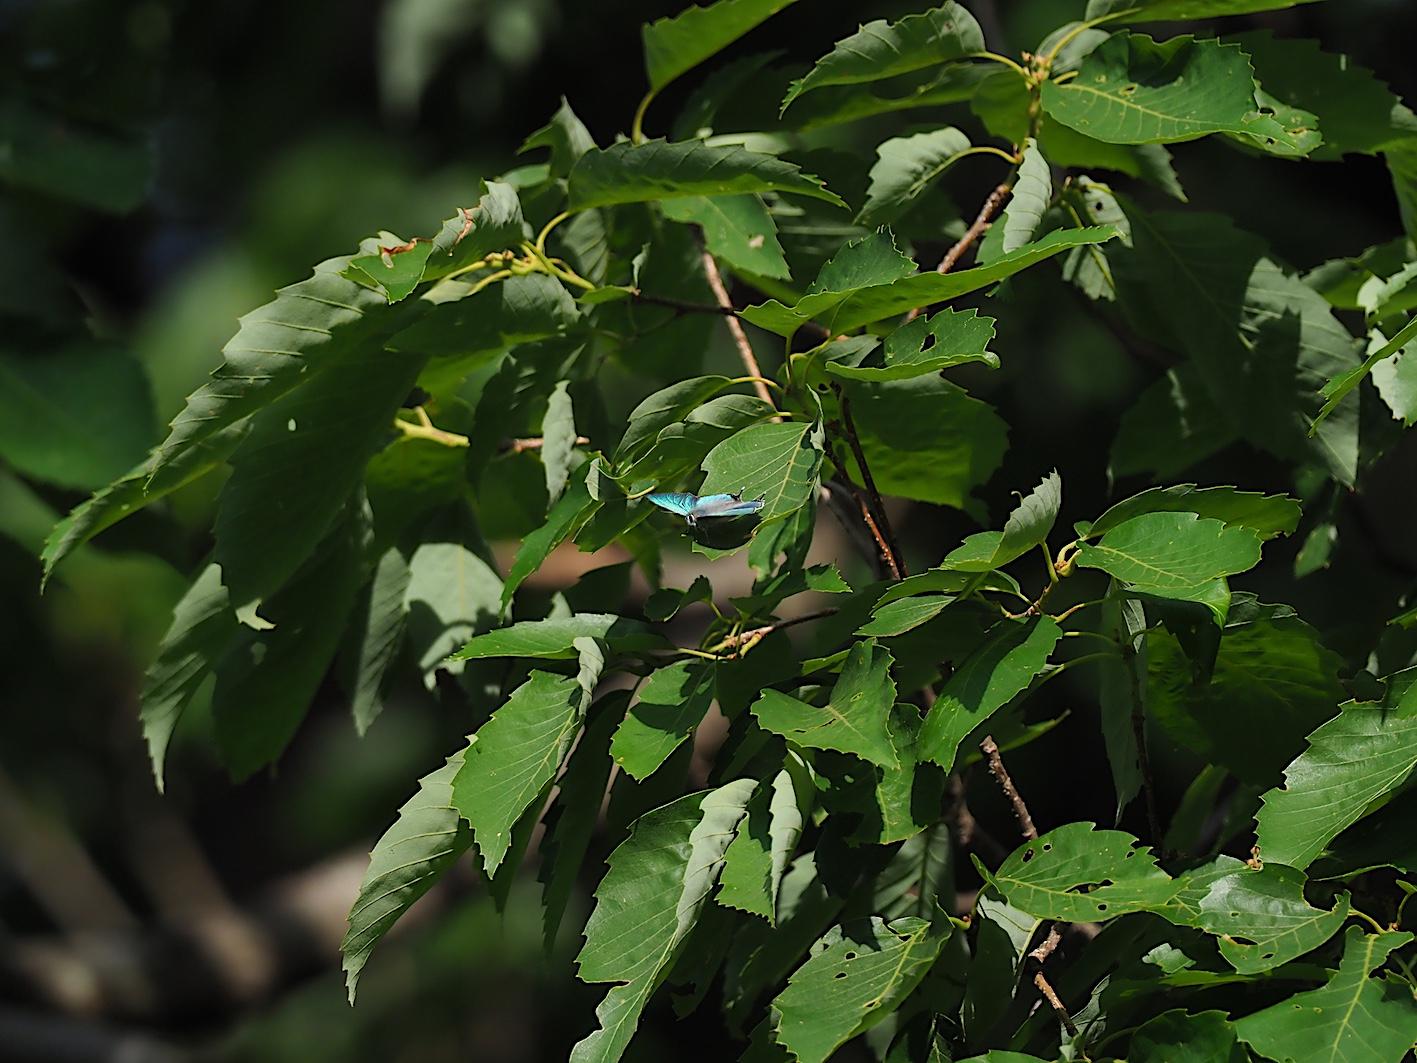 オオミドリシジミの開翅シーン(2019年6月10日)_d0303129_7195140.jpg